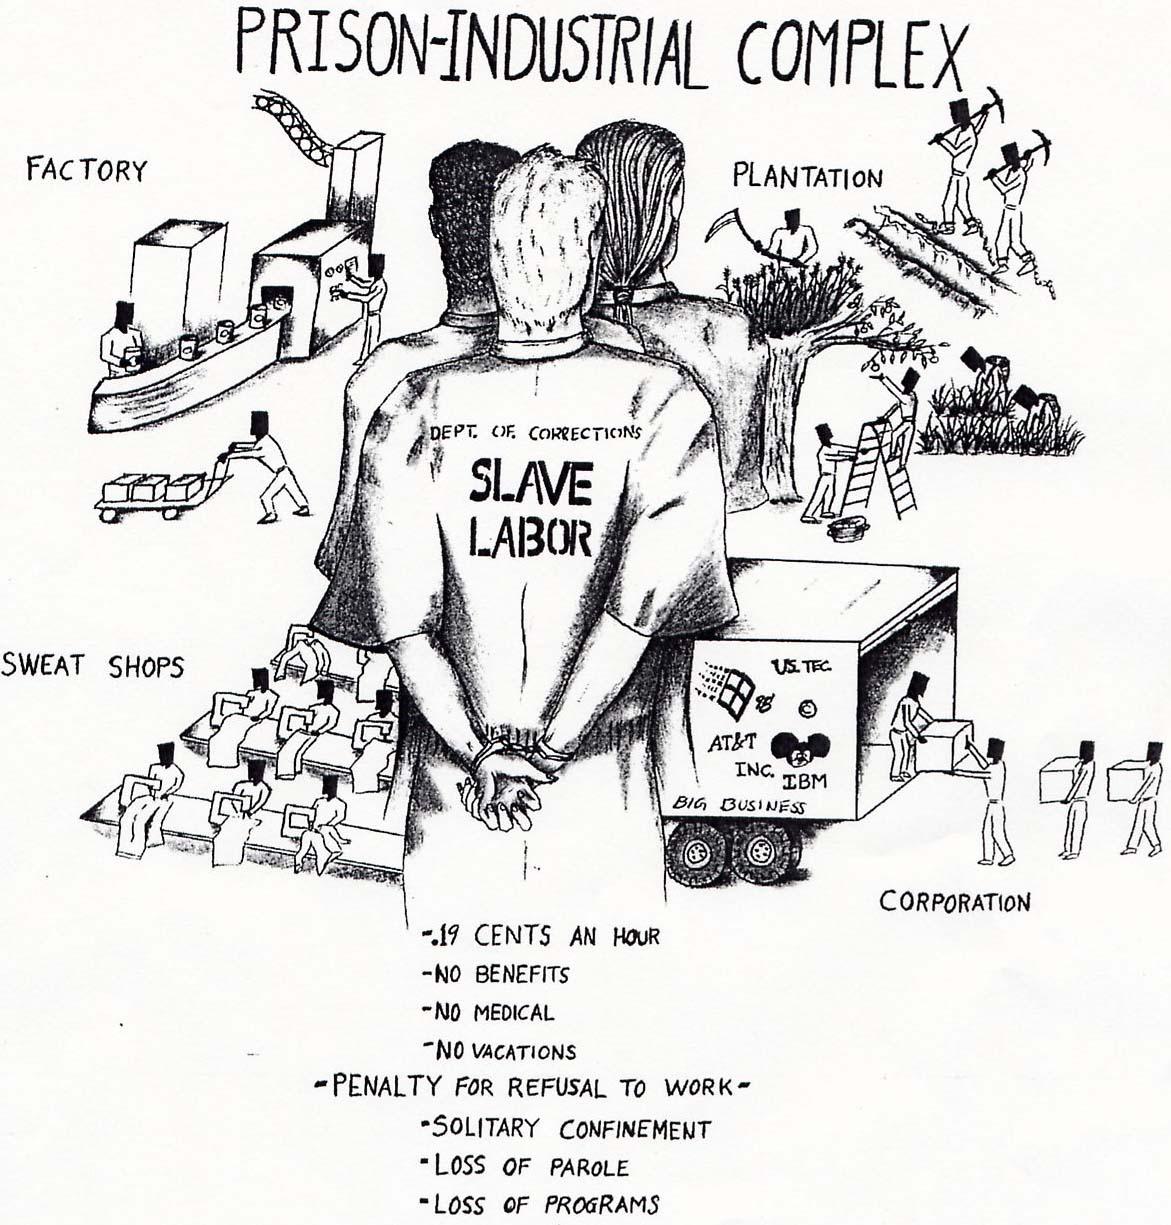 prisonindustry.jpg